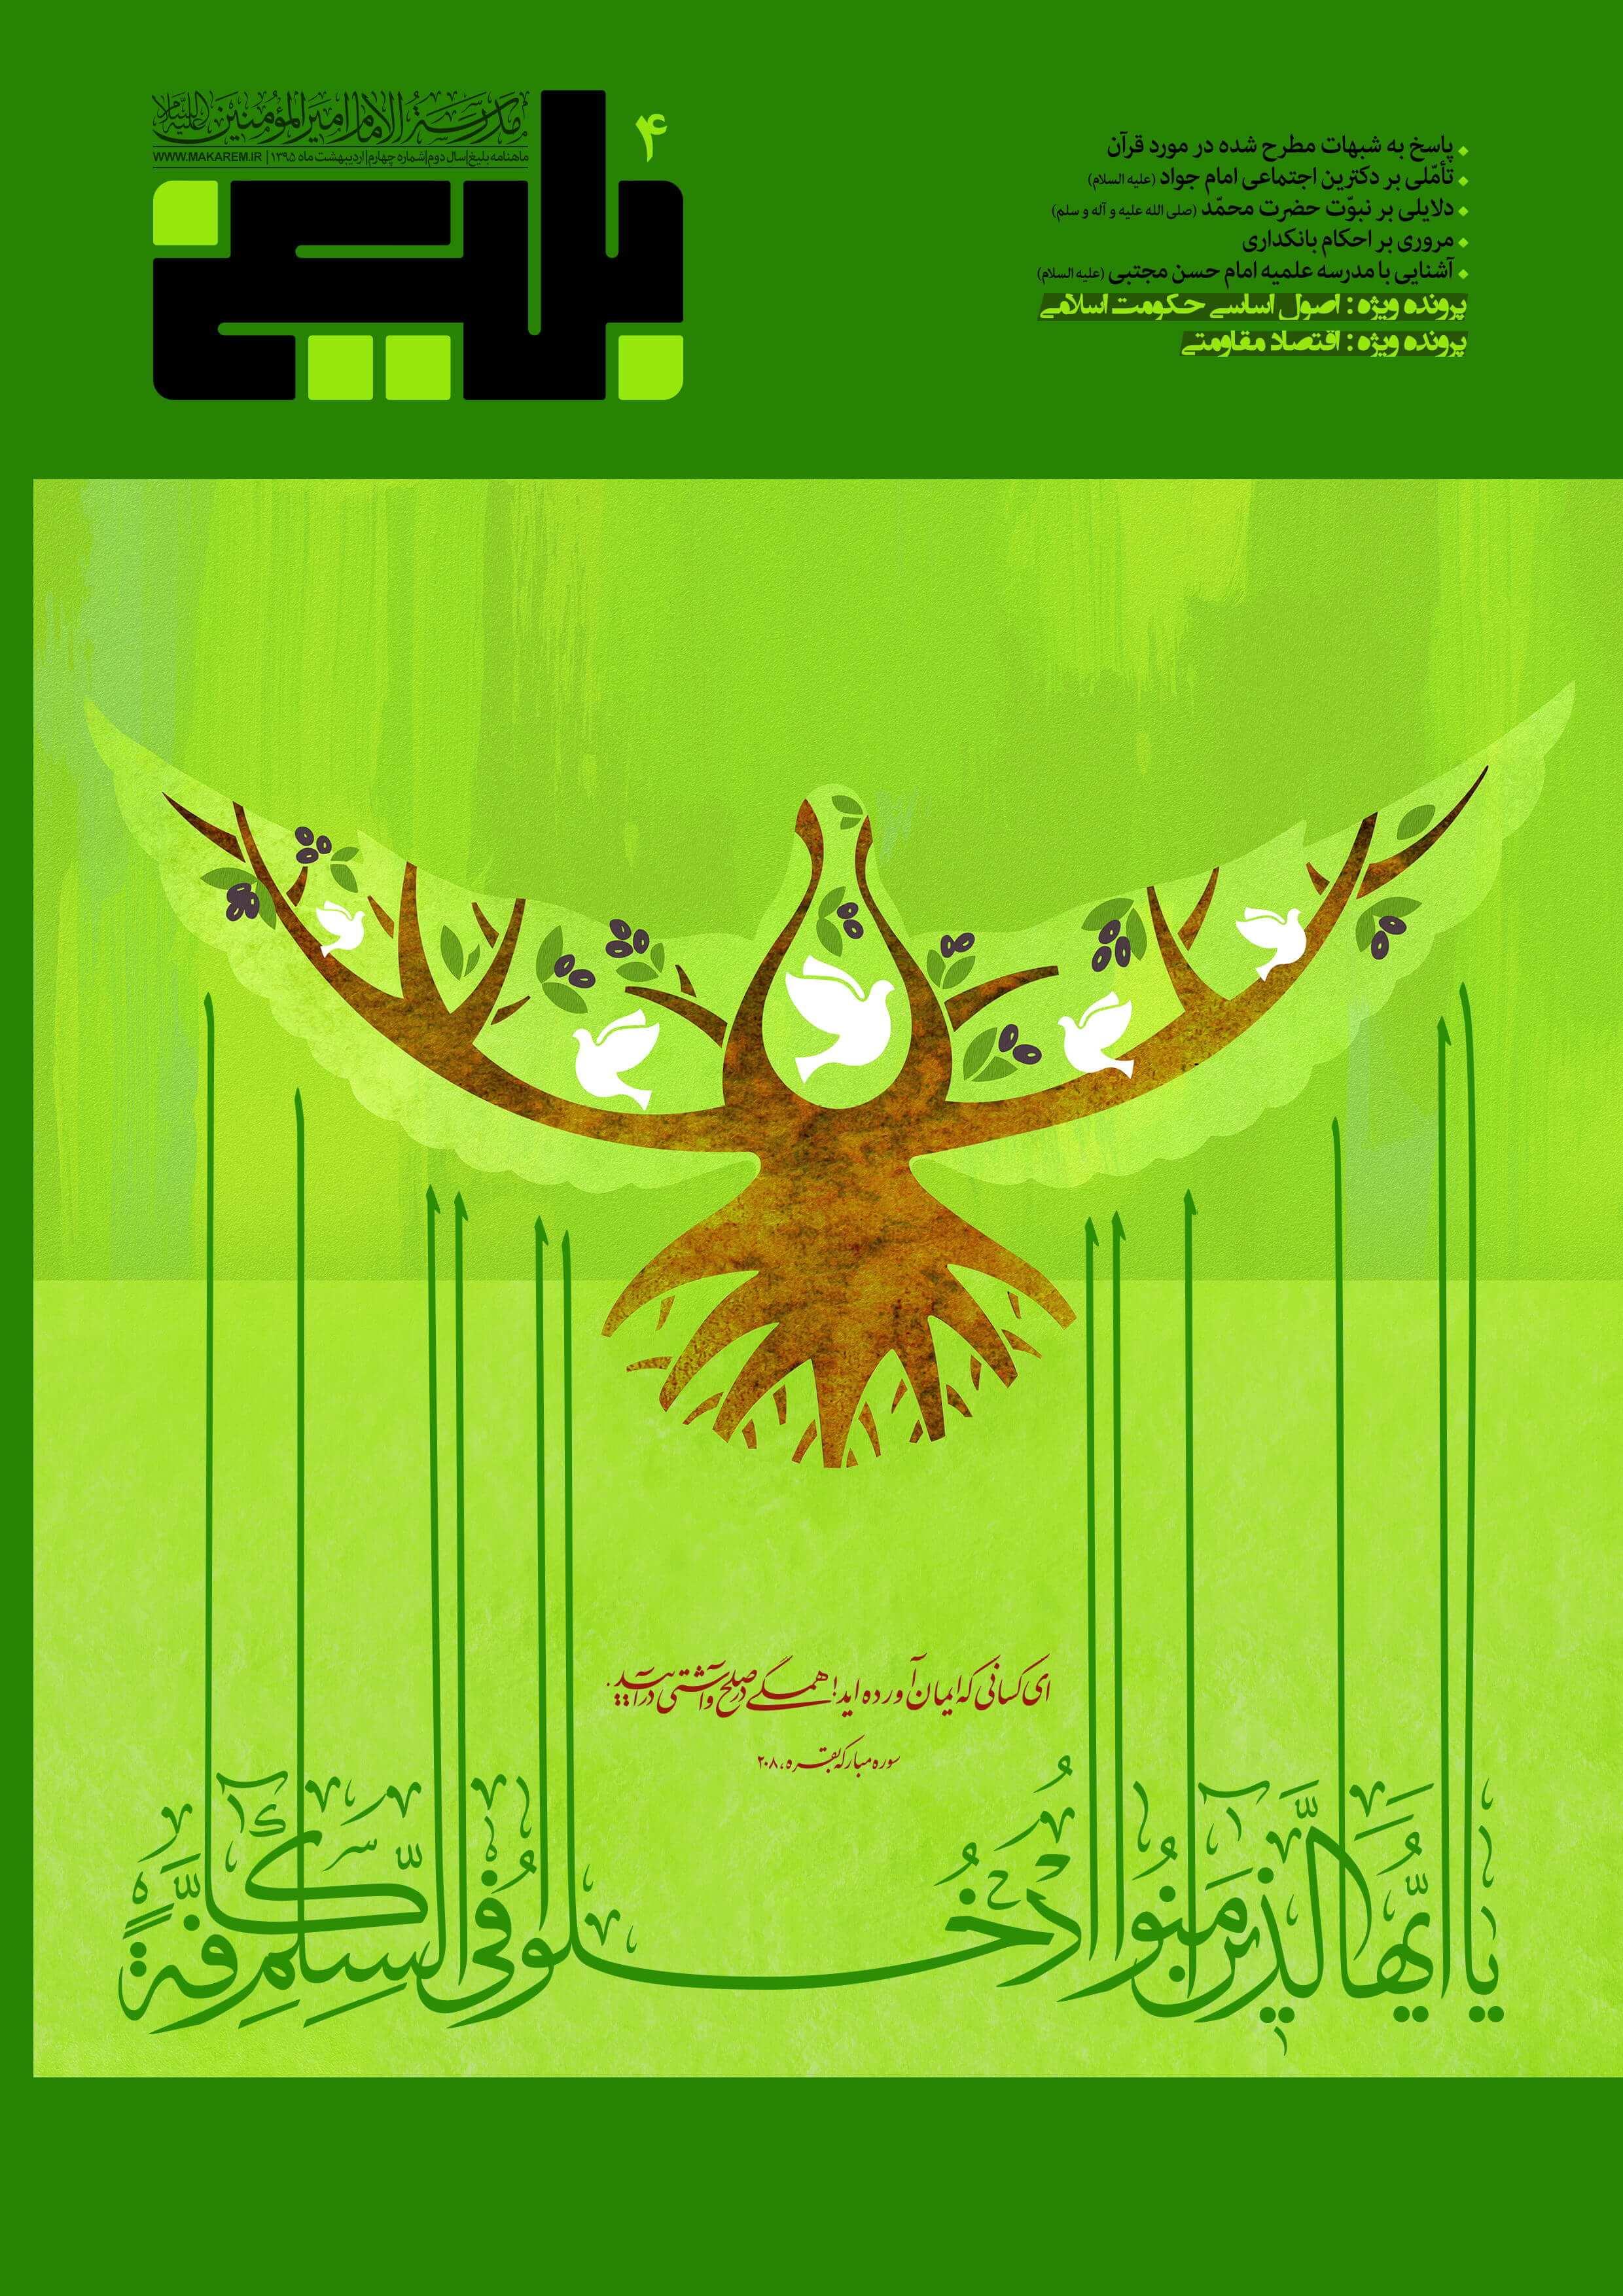 بلیغ چهارم 01-مدرسه الامام امیر المومنین (ع)